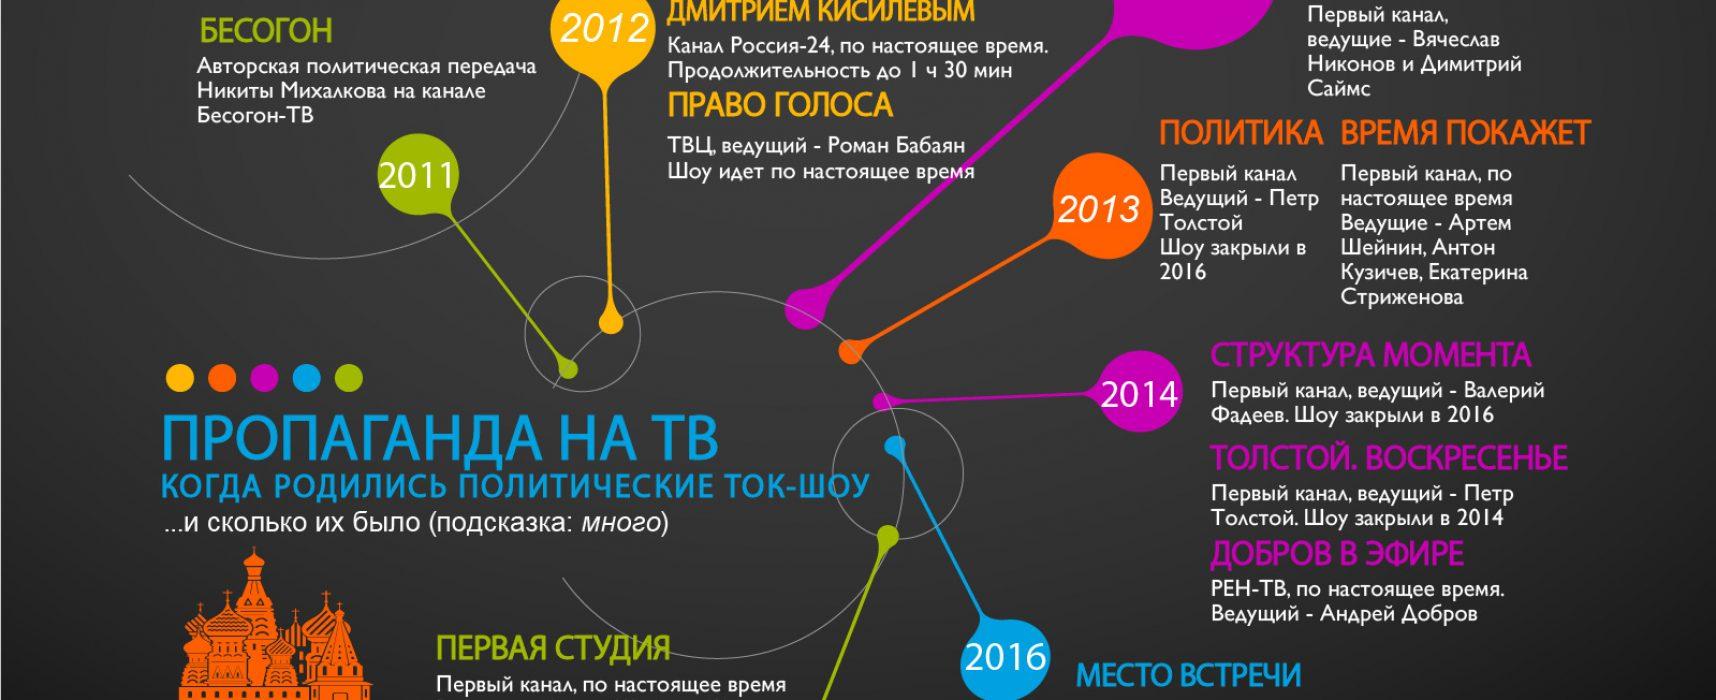 «Там тебя достанут из любого утюга» или как новая российская пропаганда на телевидении обслуживает кремлевскую реальность